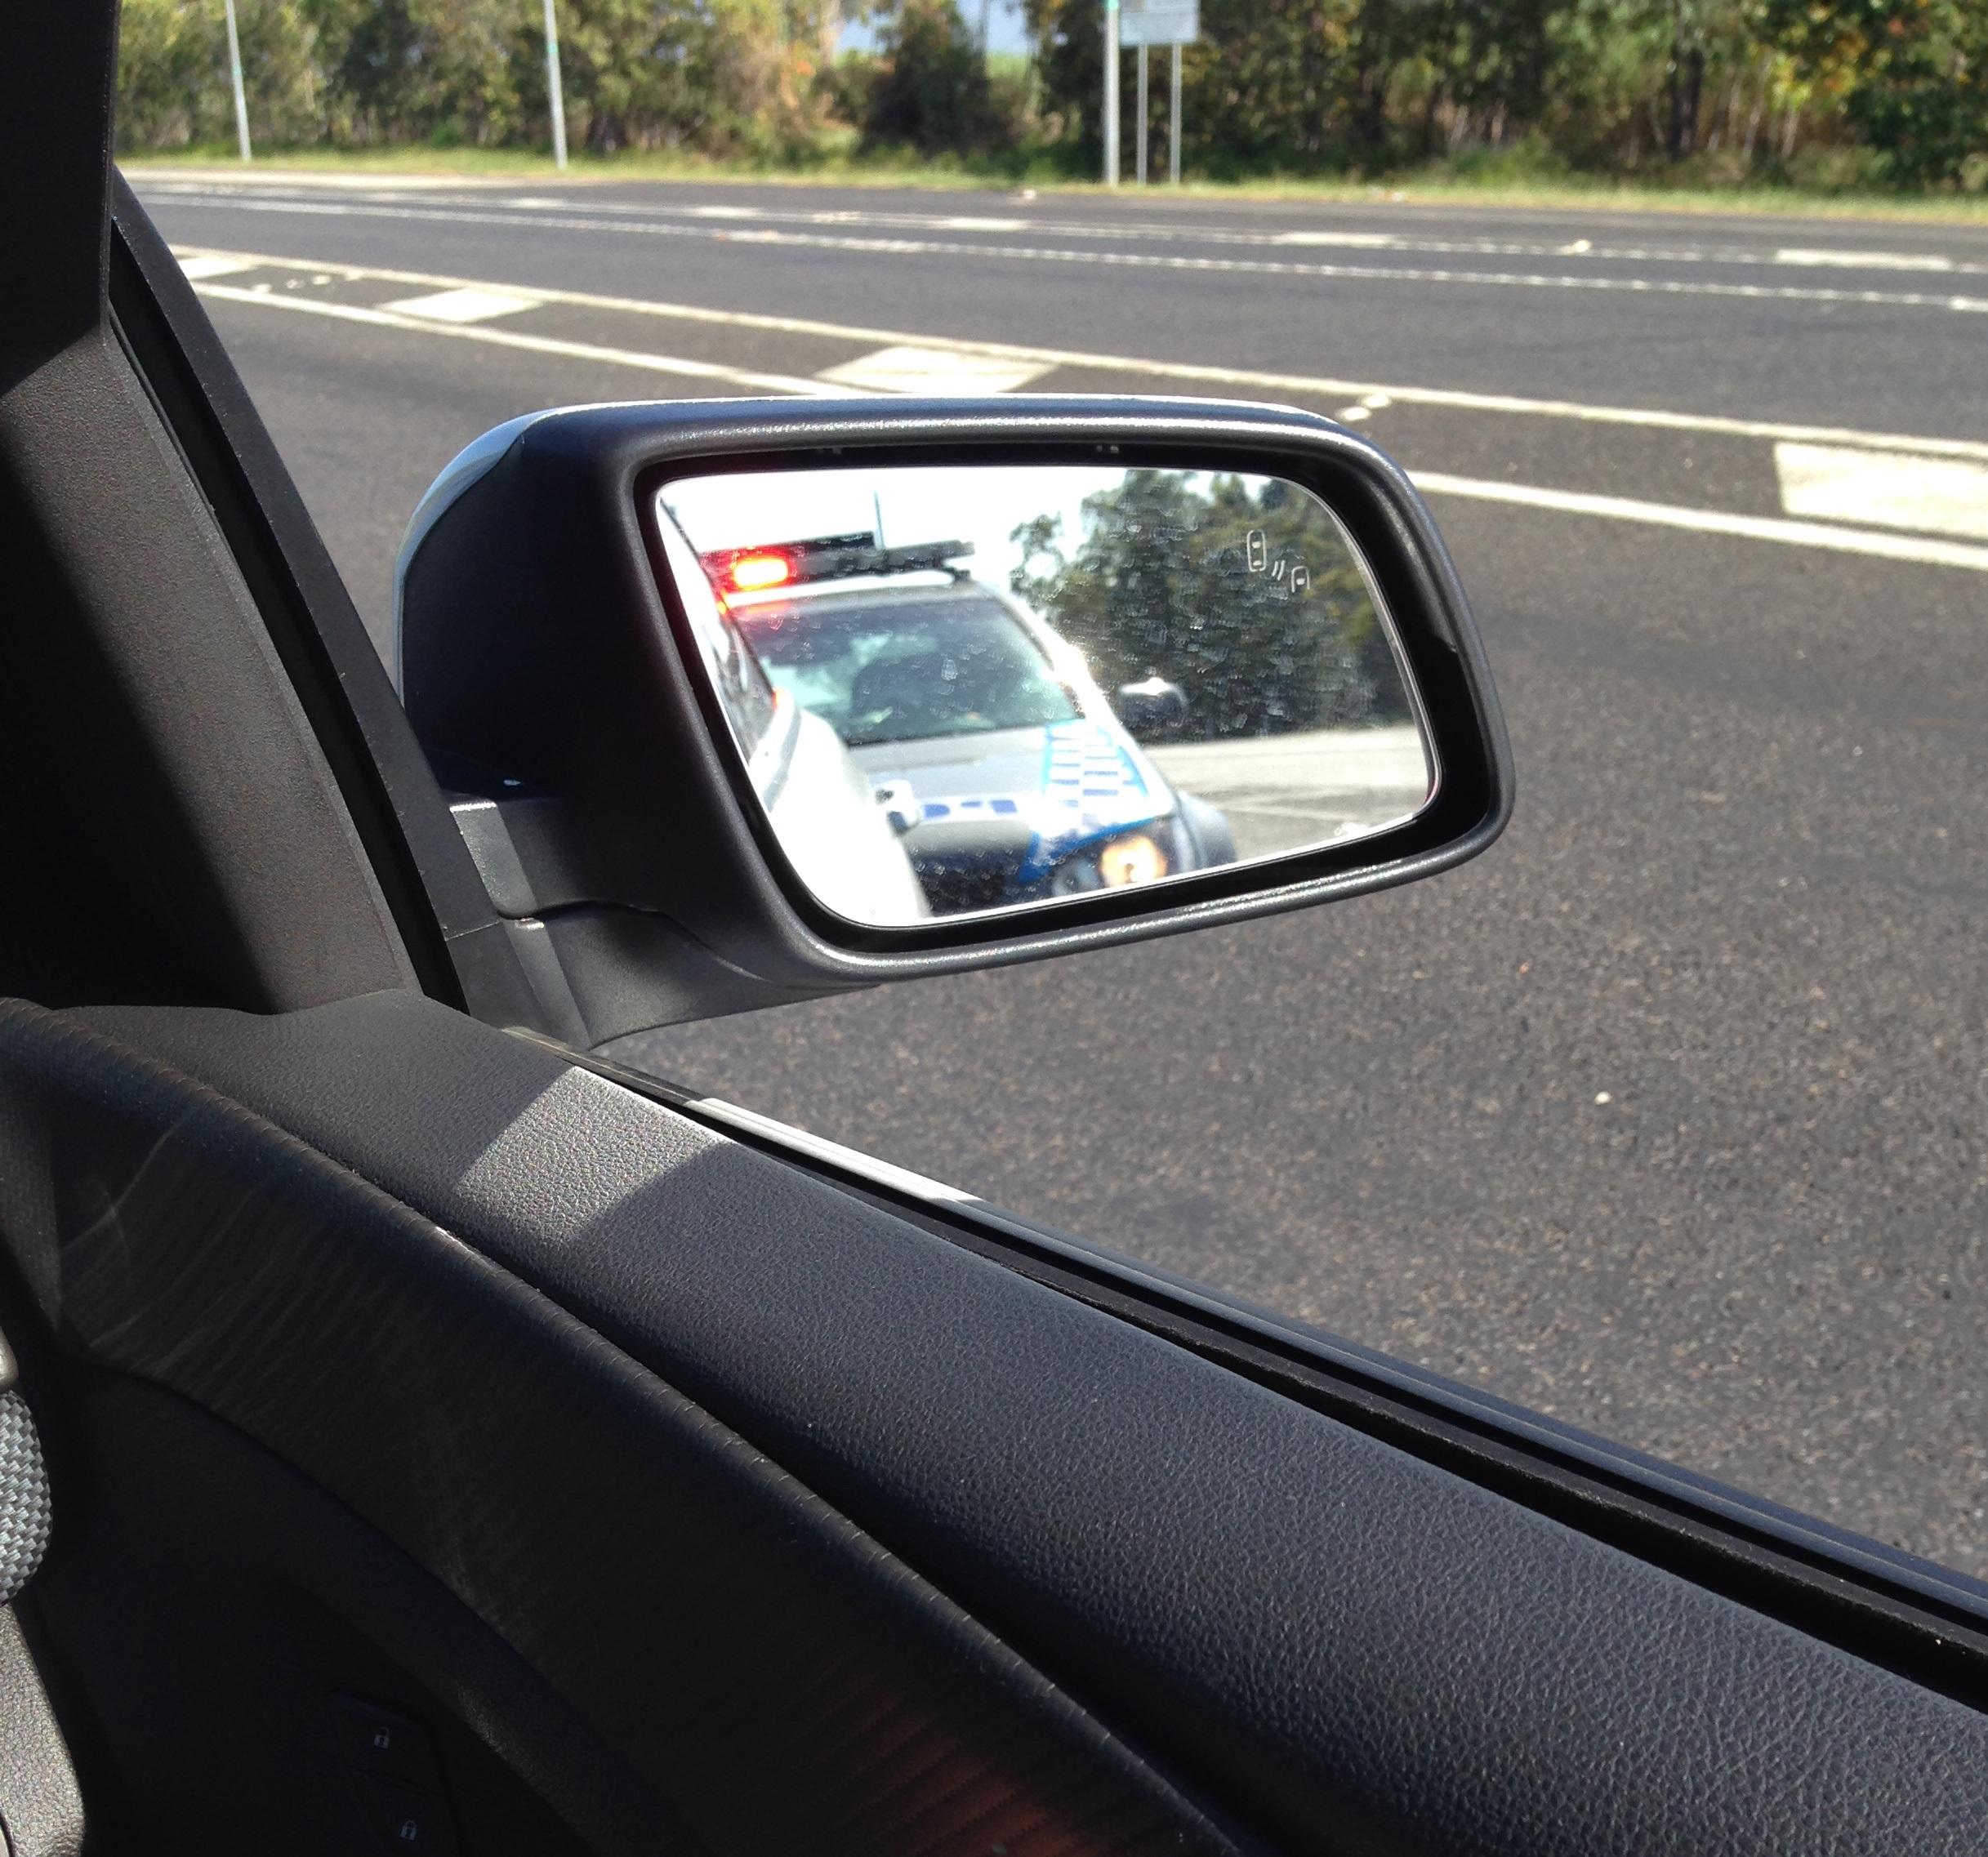 «Взял машину напрокат, чтобы хоть немного повеселиться. Тут же остановили и оштрафовали».